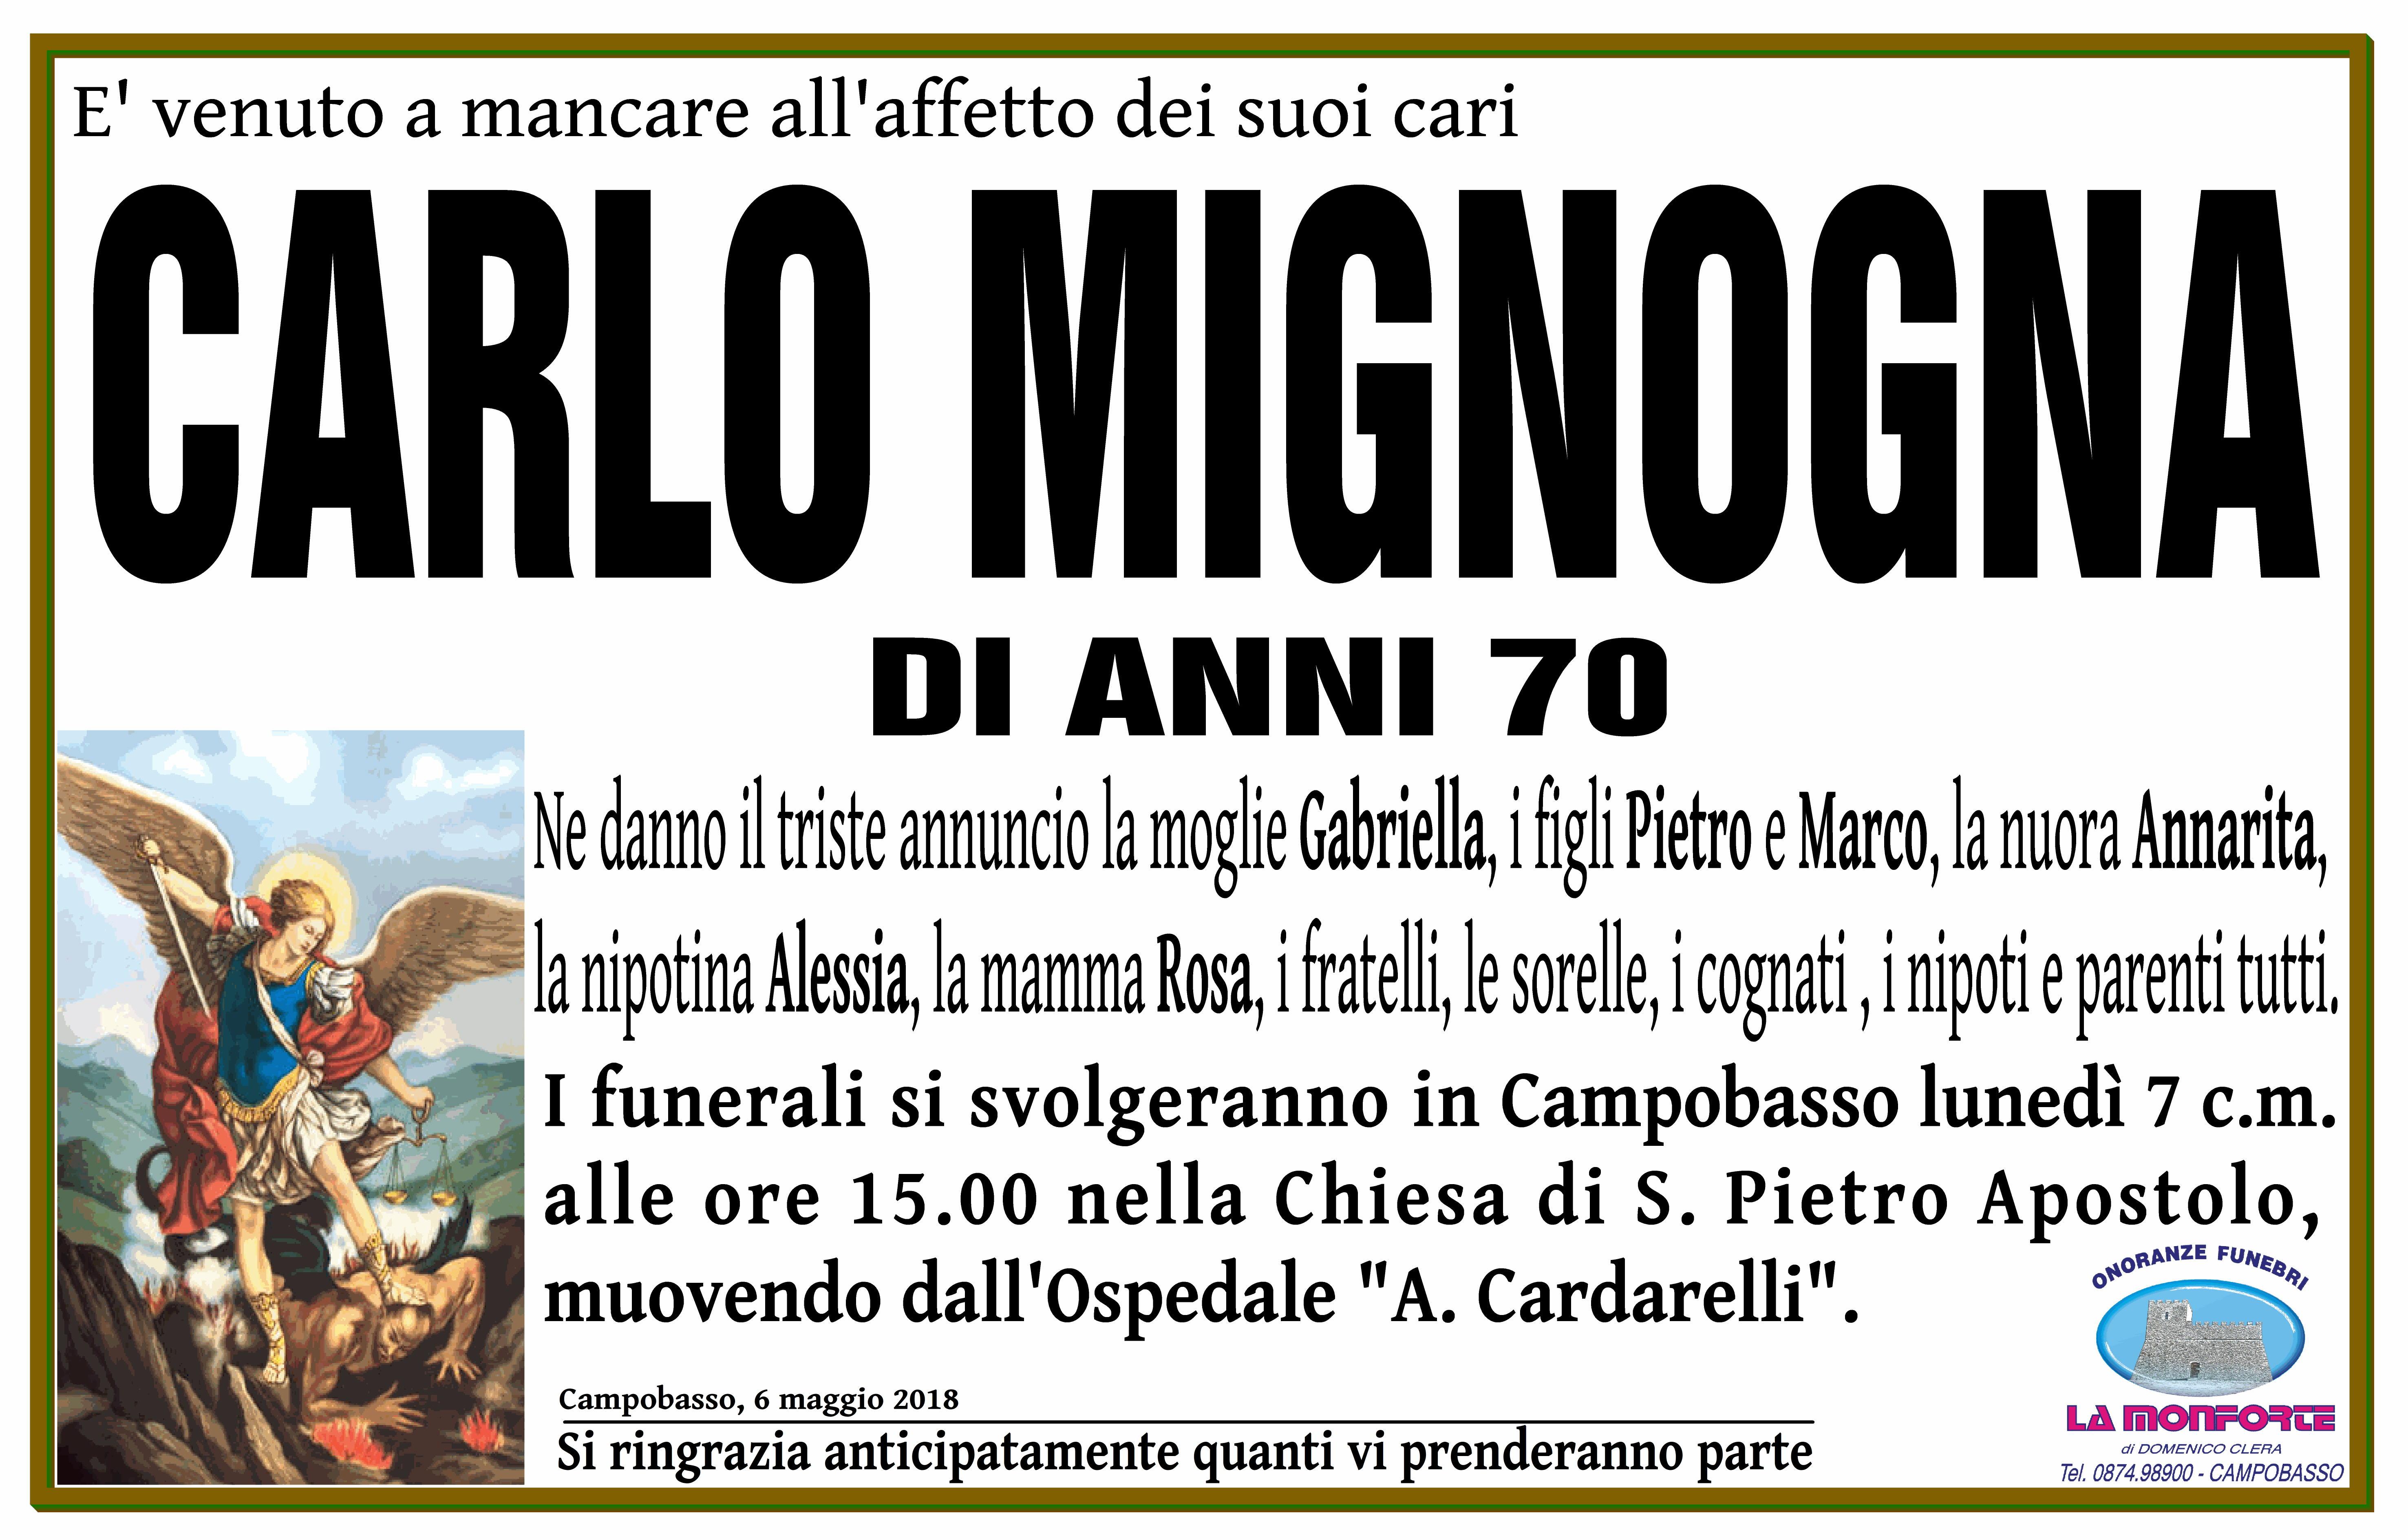 Carlo Mignogna – 06/05/2018 – Campobasso – Onoranze Funebri La Monforte